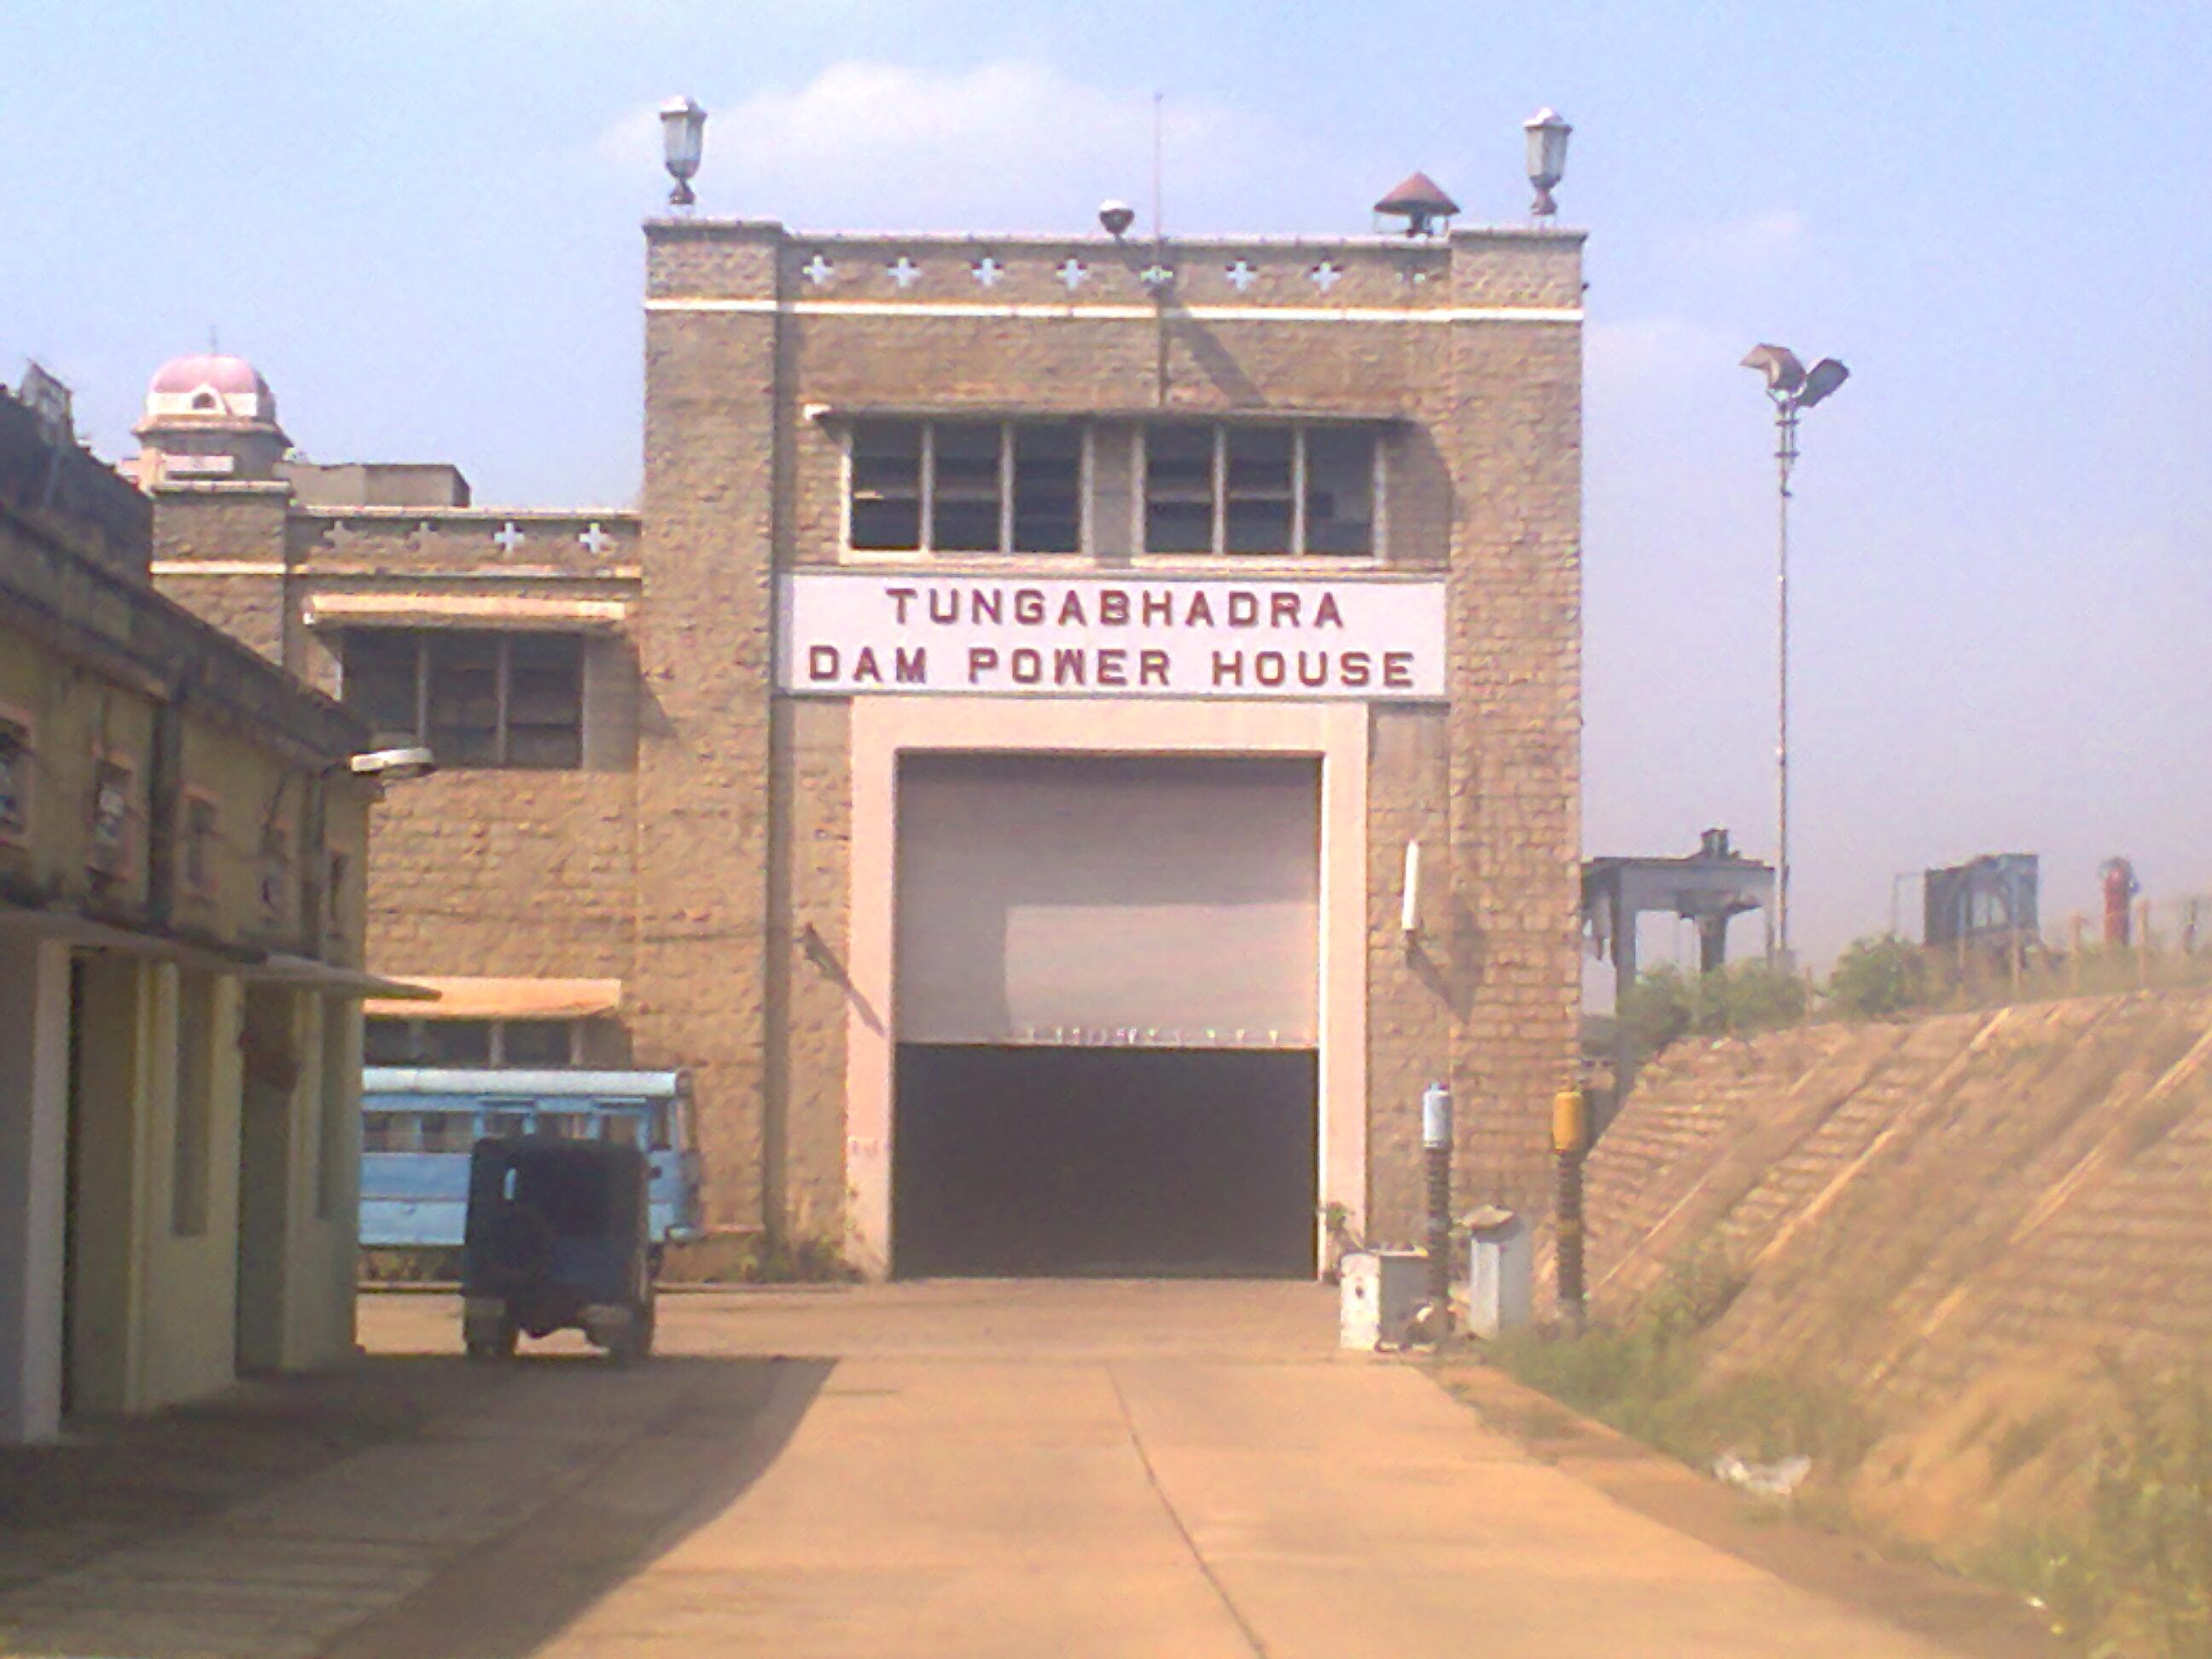 Tungabhadra Dam Power House PH01435.